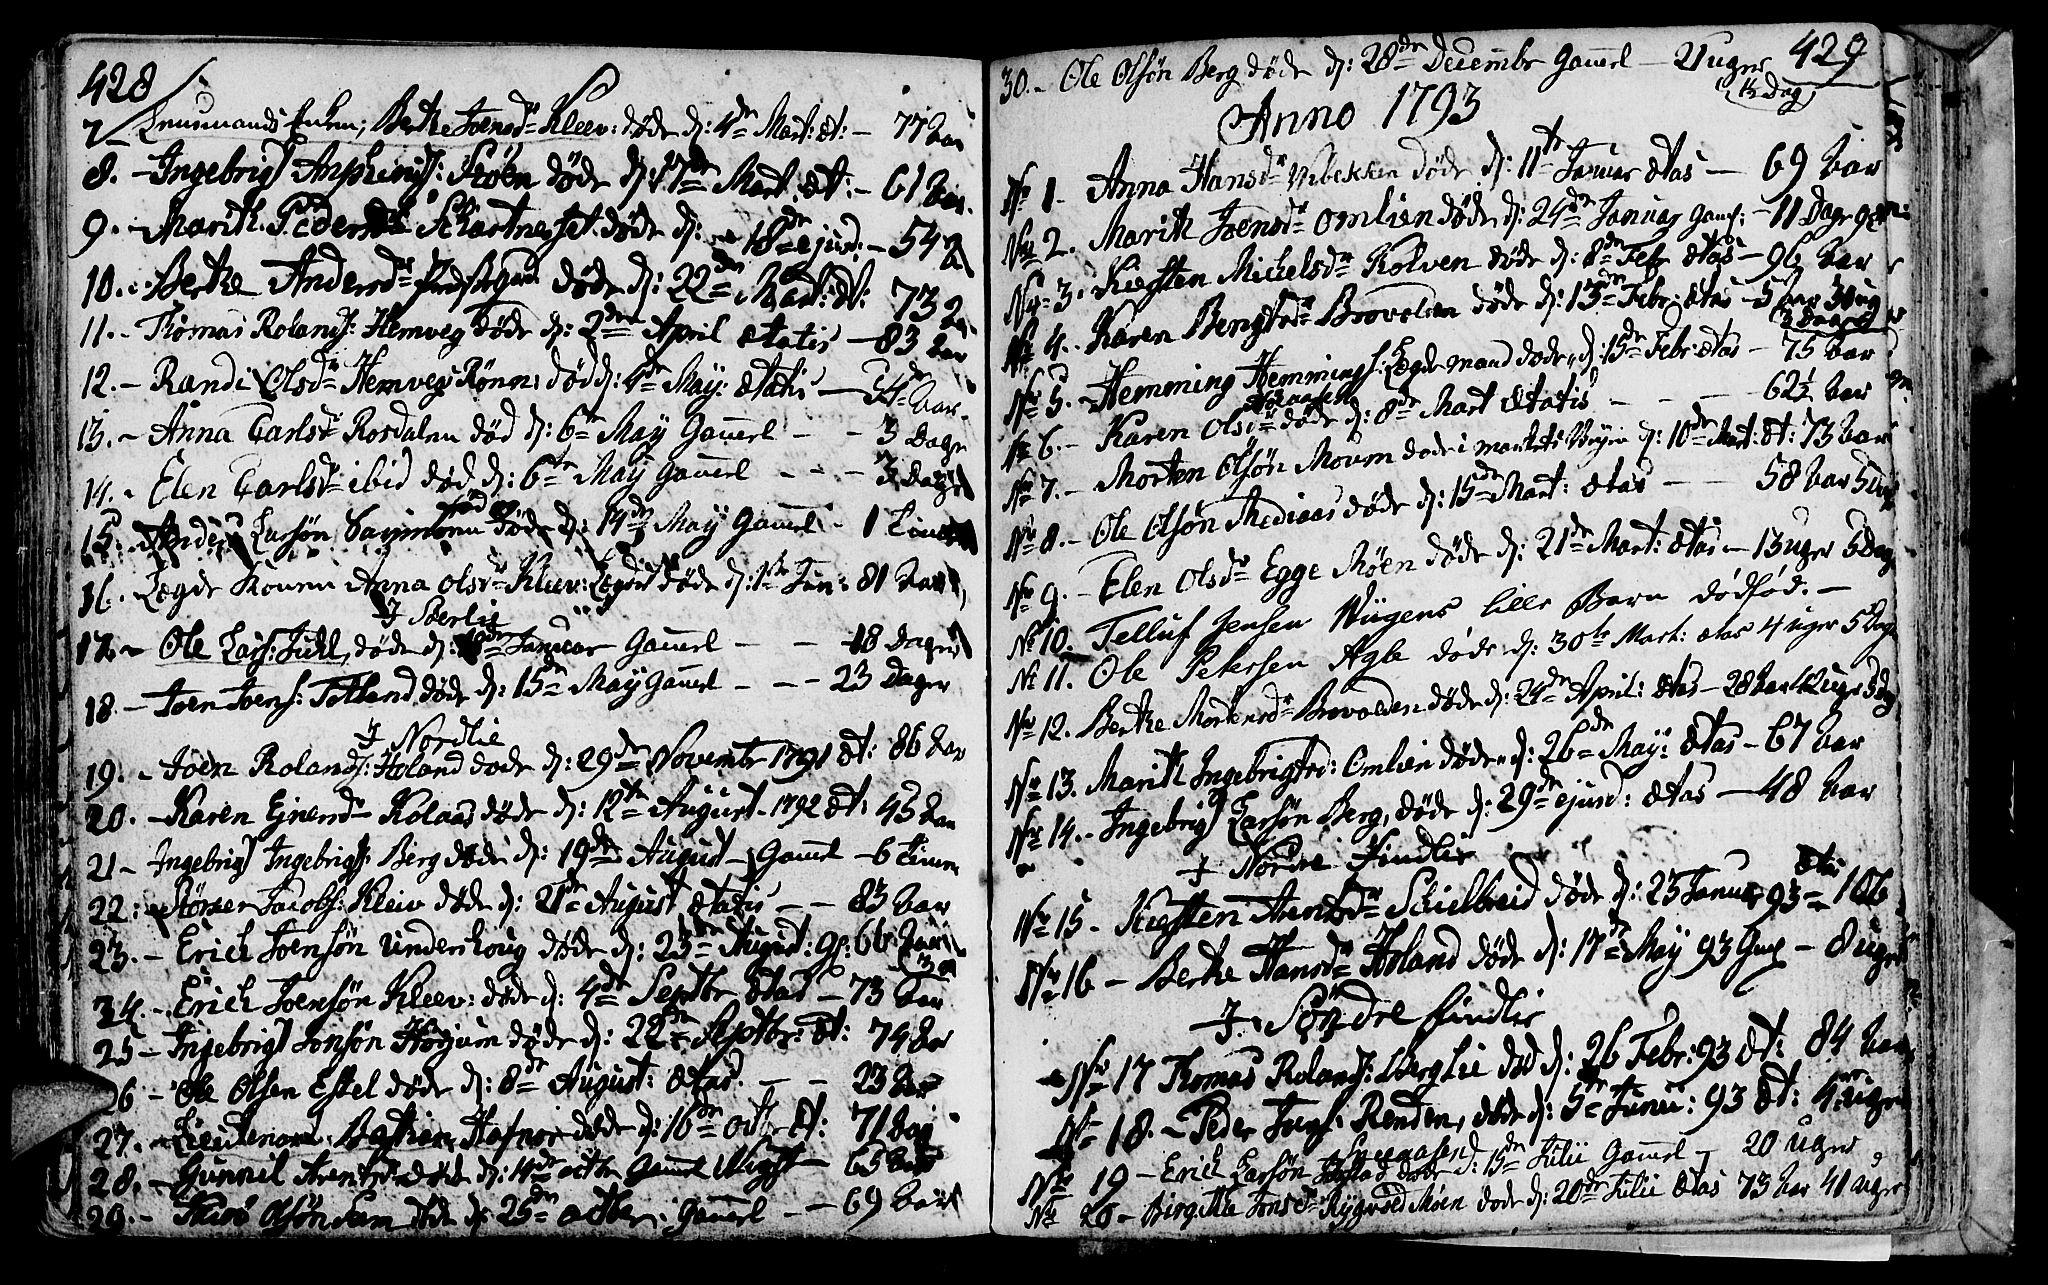 SAT, Ministerialprotokoller, klokkerbøker og fødselsregistre - Nord-Trøndelag, 749/L0468: Ministerialbok nr. 749A02, 1787-1817, s. 428-429